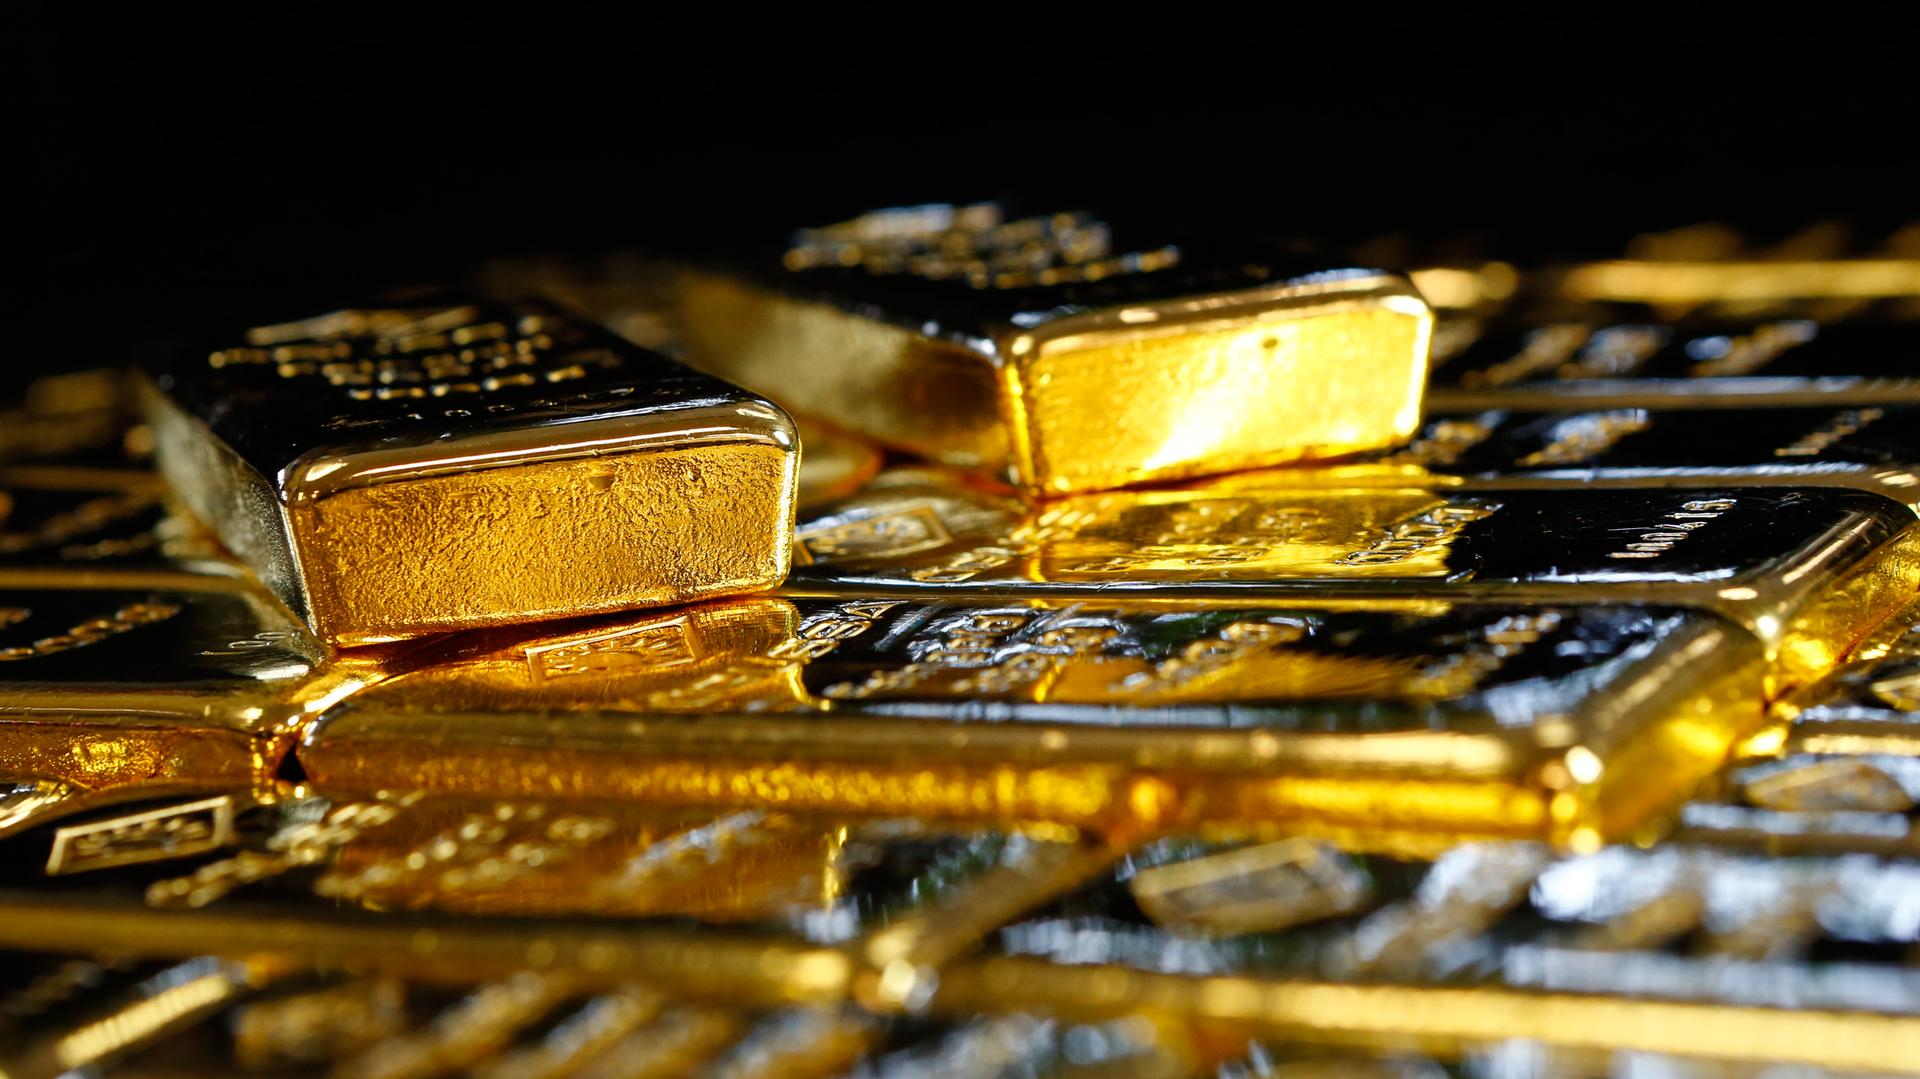 Альпийский клад: миллиардеры из США прячут золото в бункерах Швейцарии